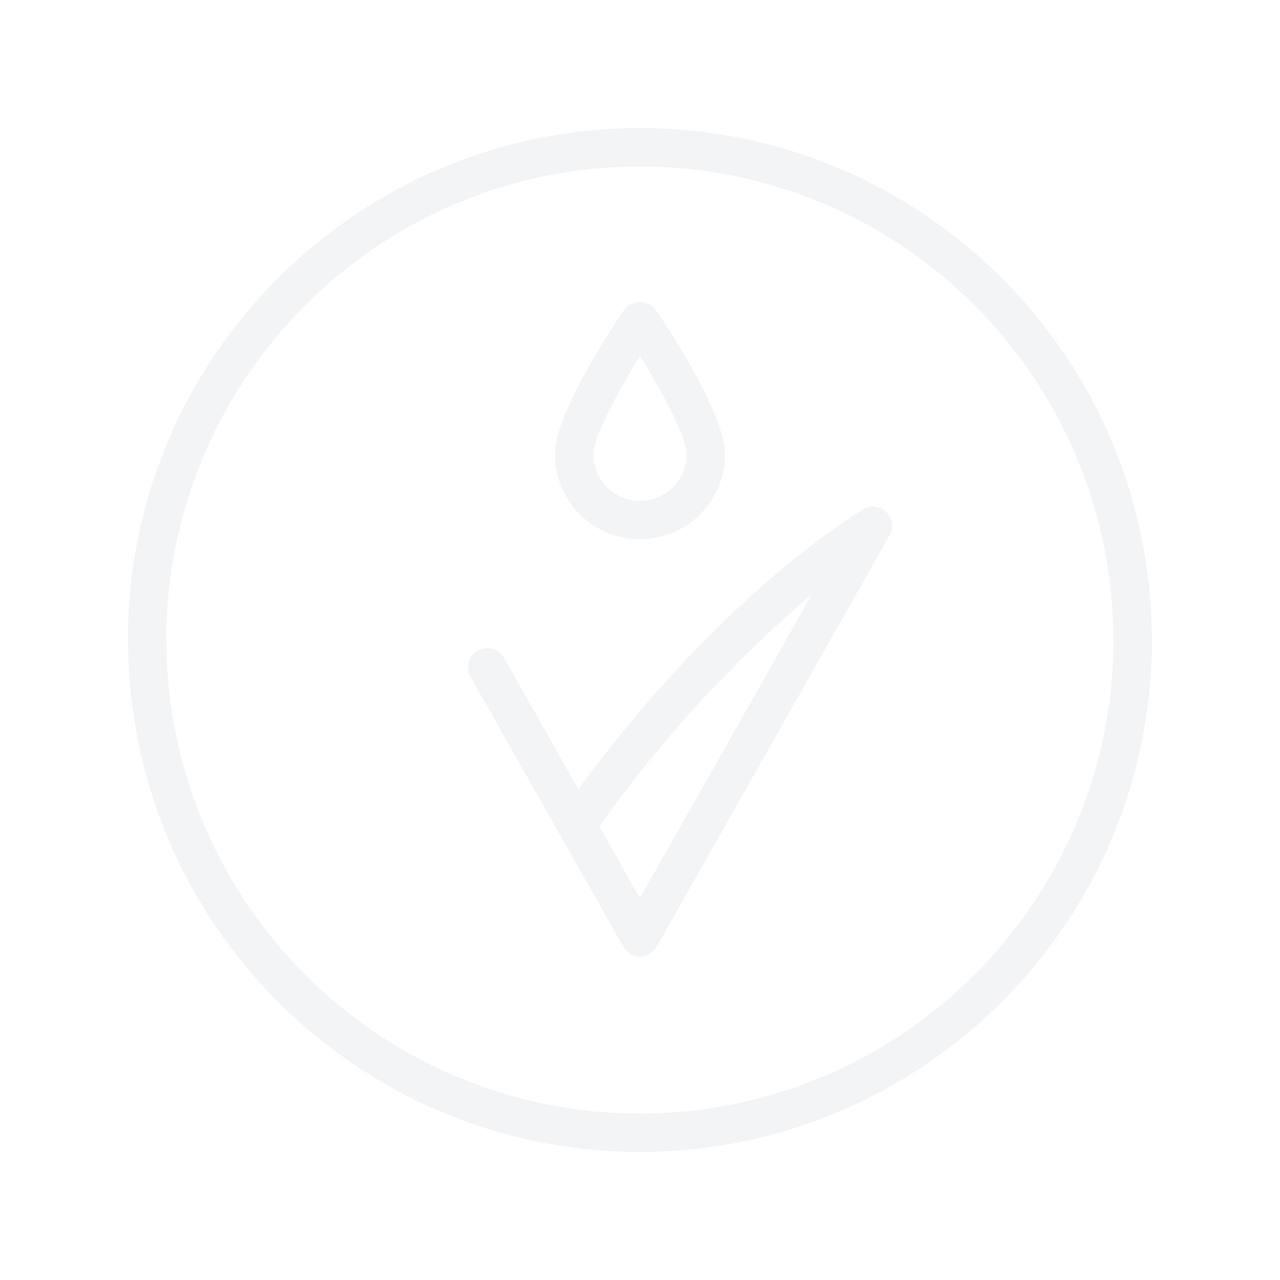 MAYBELLINE Instant Anti-Age Eye Eraser Concealer Light 6.8ml